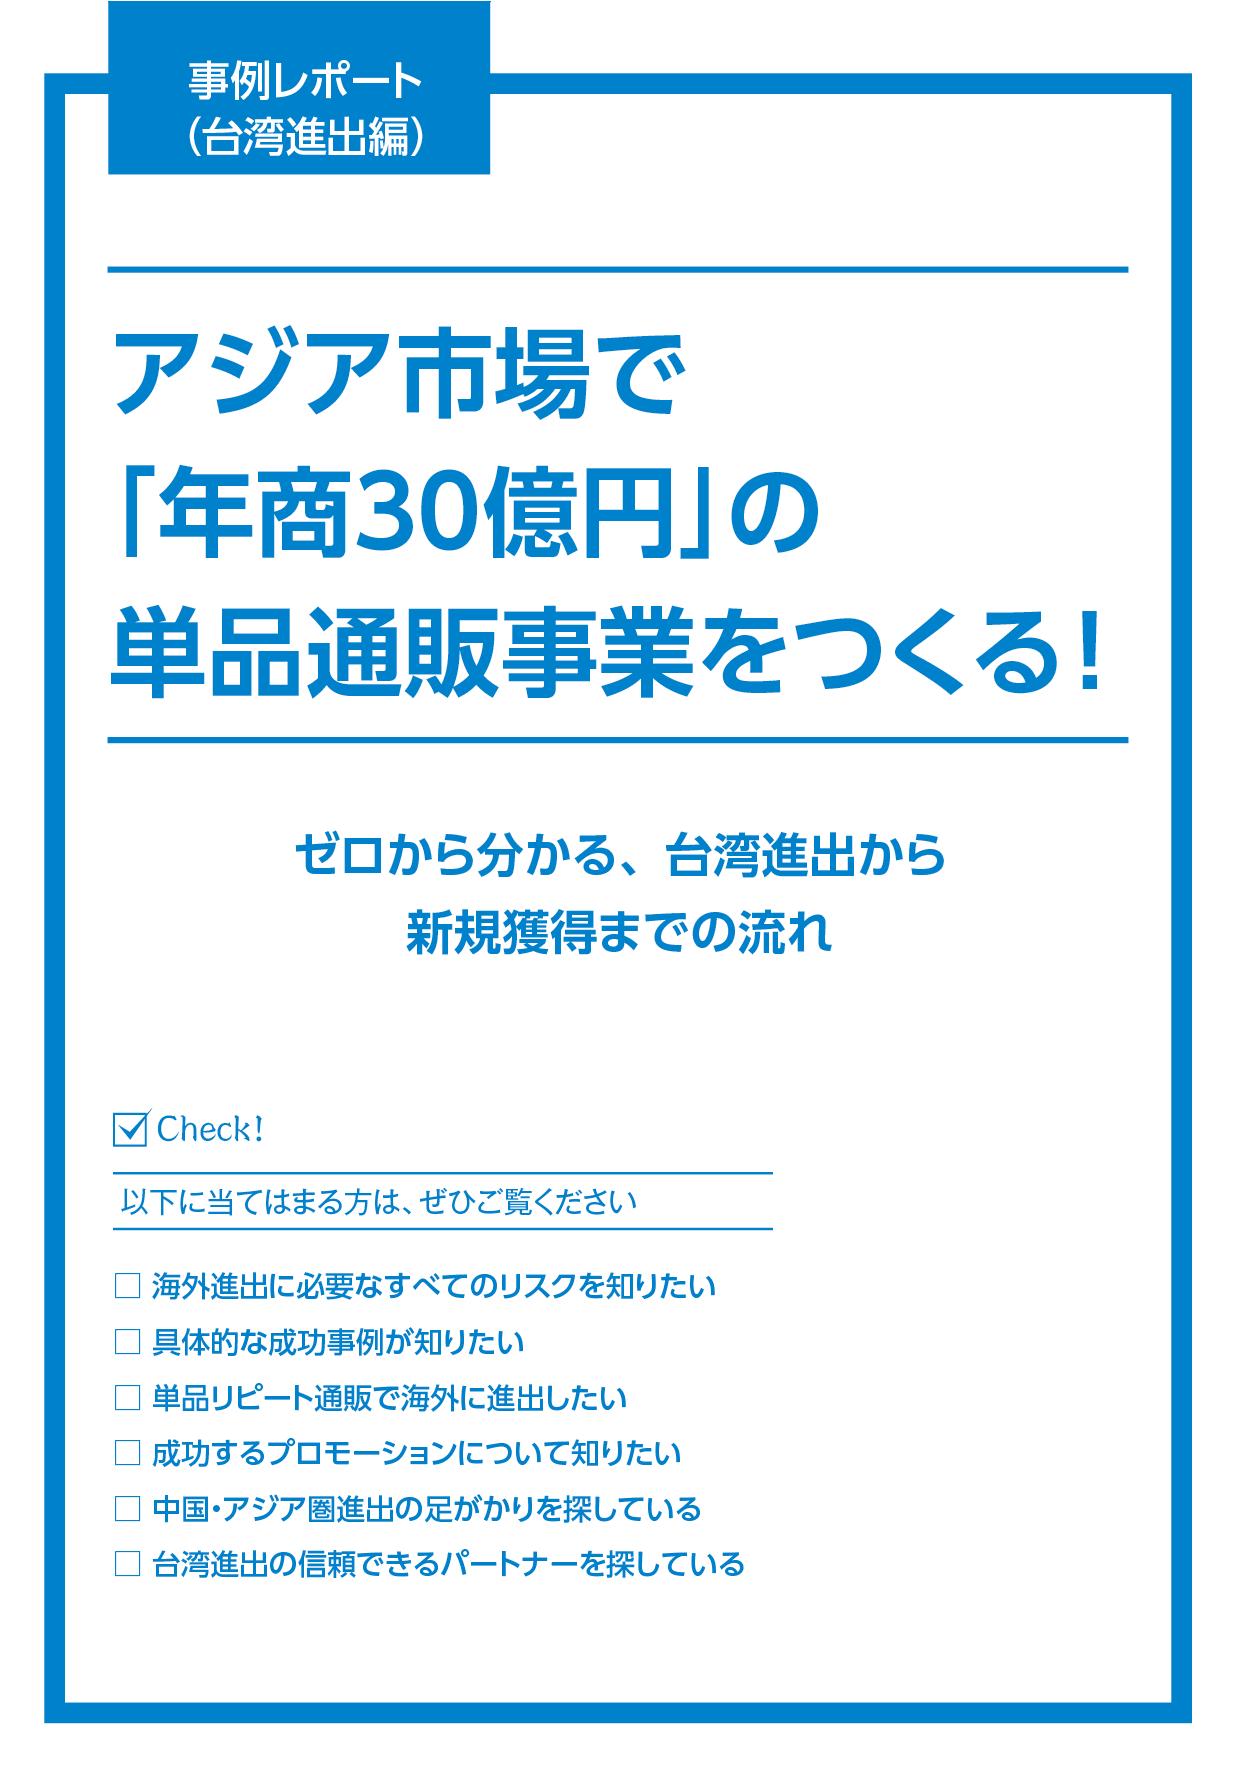 アジア市場で「年商30億円」の単品通販事業をつくる!